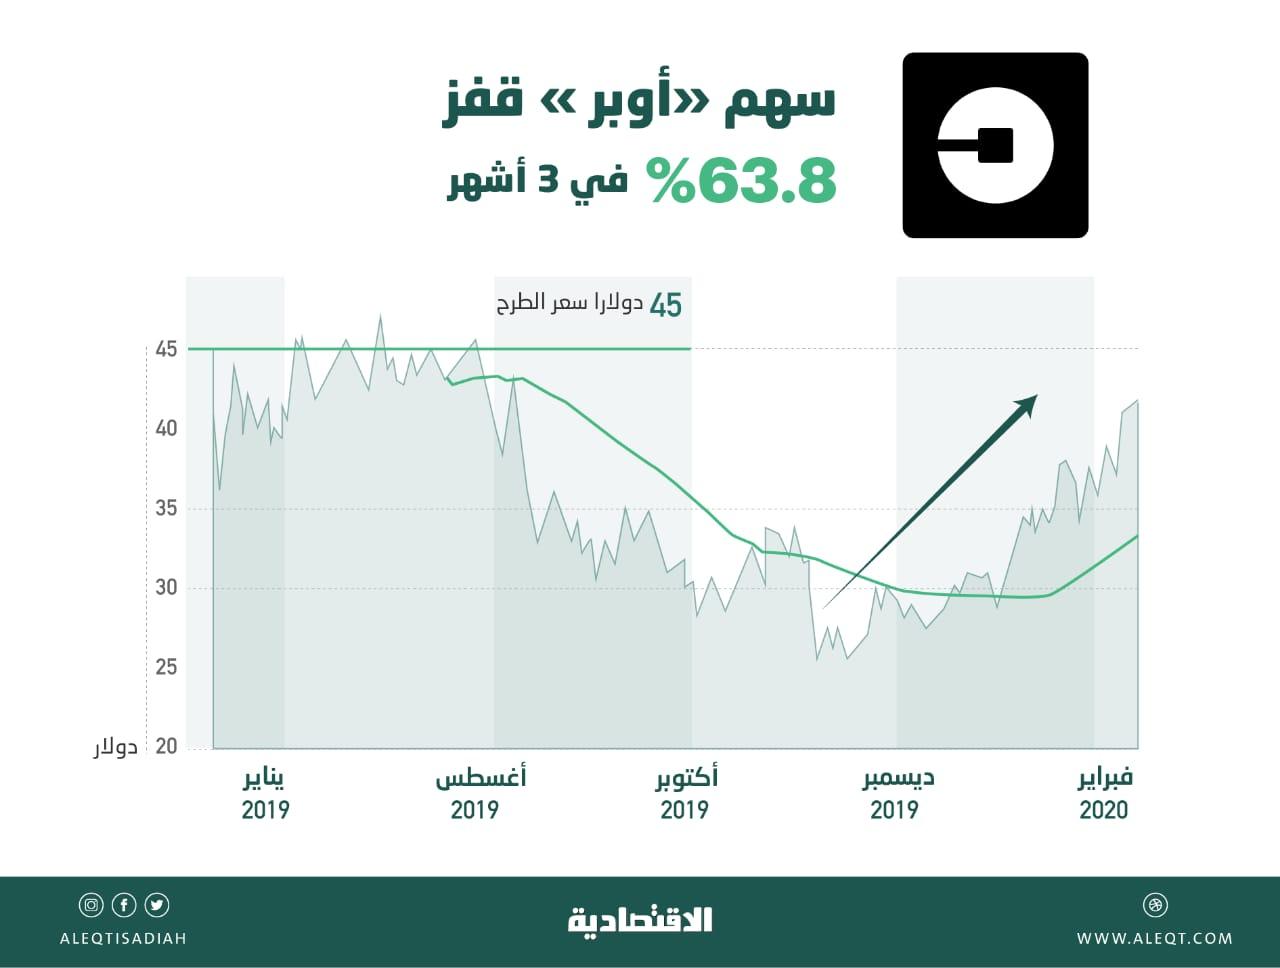 نظرة عامة على استثمارات الصندوق السيادي السعودي